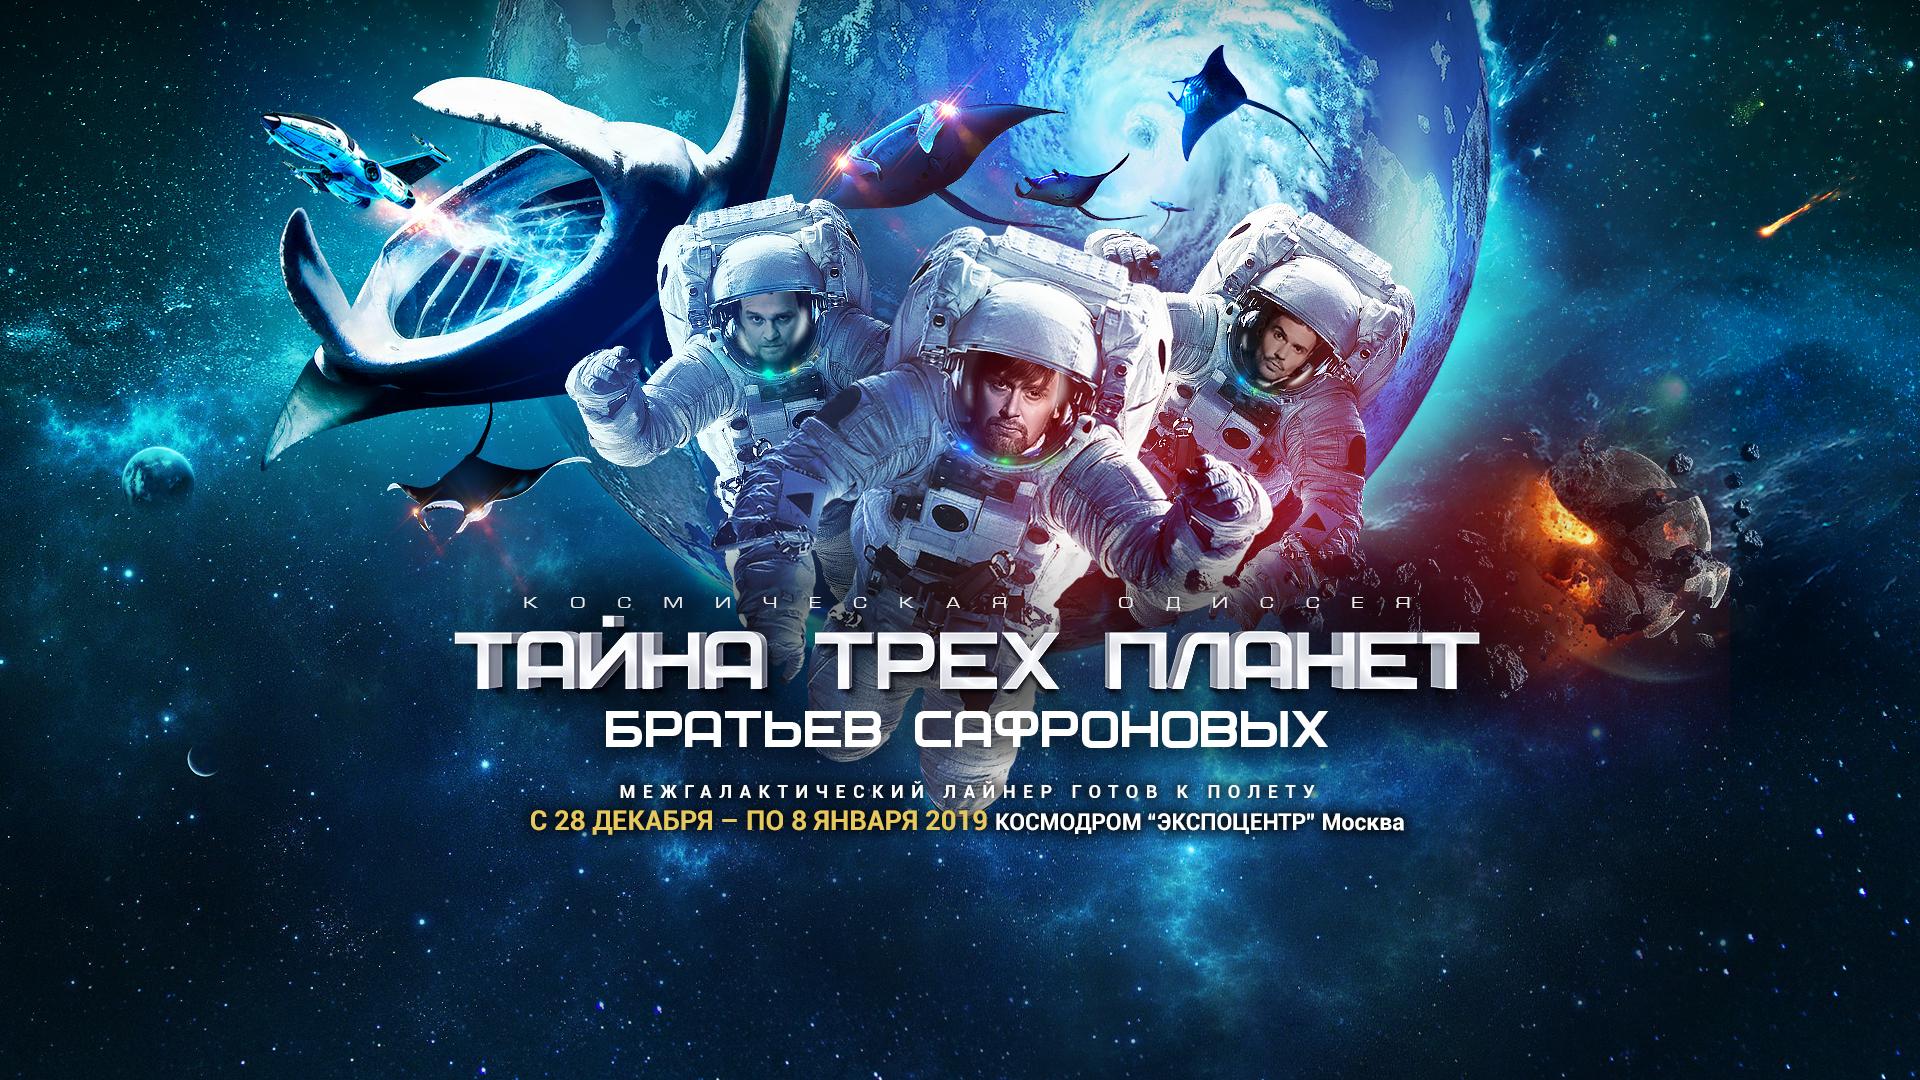 Купить билеты на шоу Братьев Сафроновых Тайна трех планет